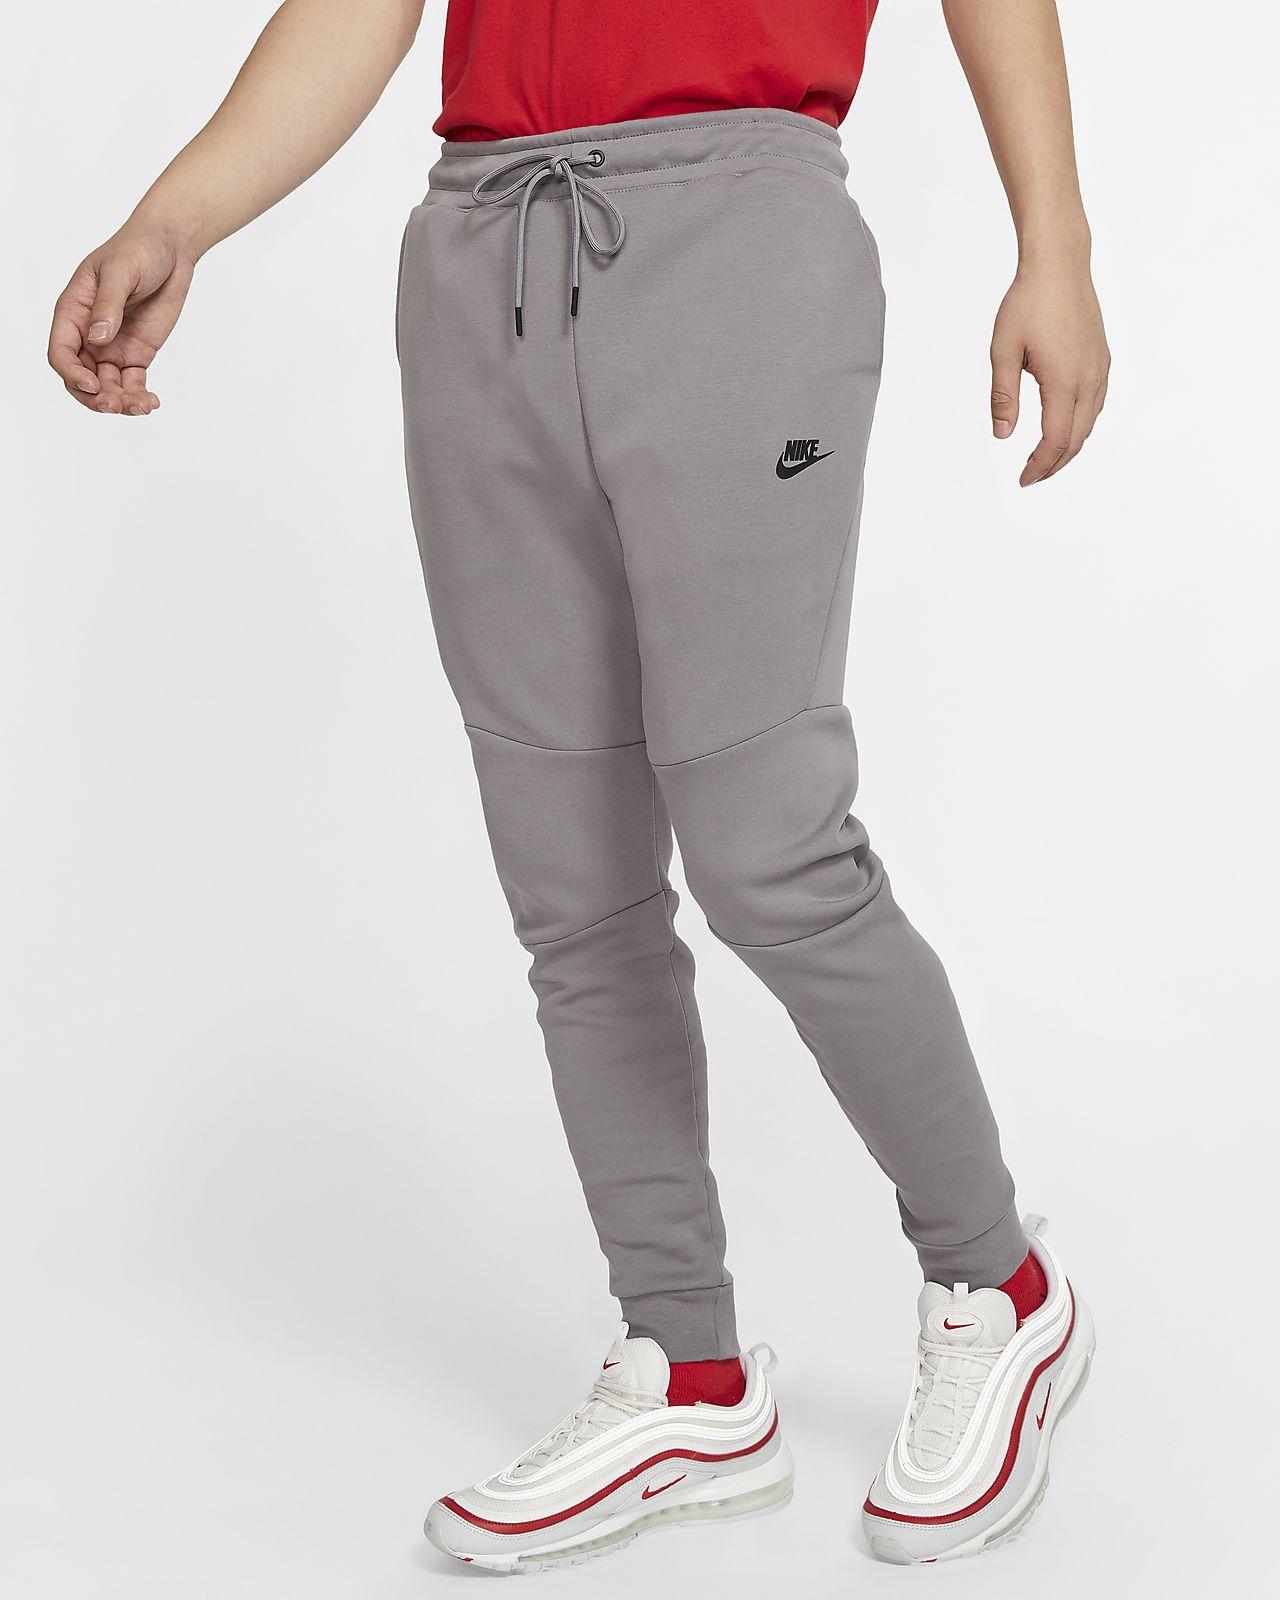 Details zu Nike Sportswear Tech Fleece Jogginghose Jogger Hose Herren Schwarz 805162 010